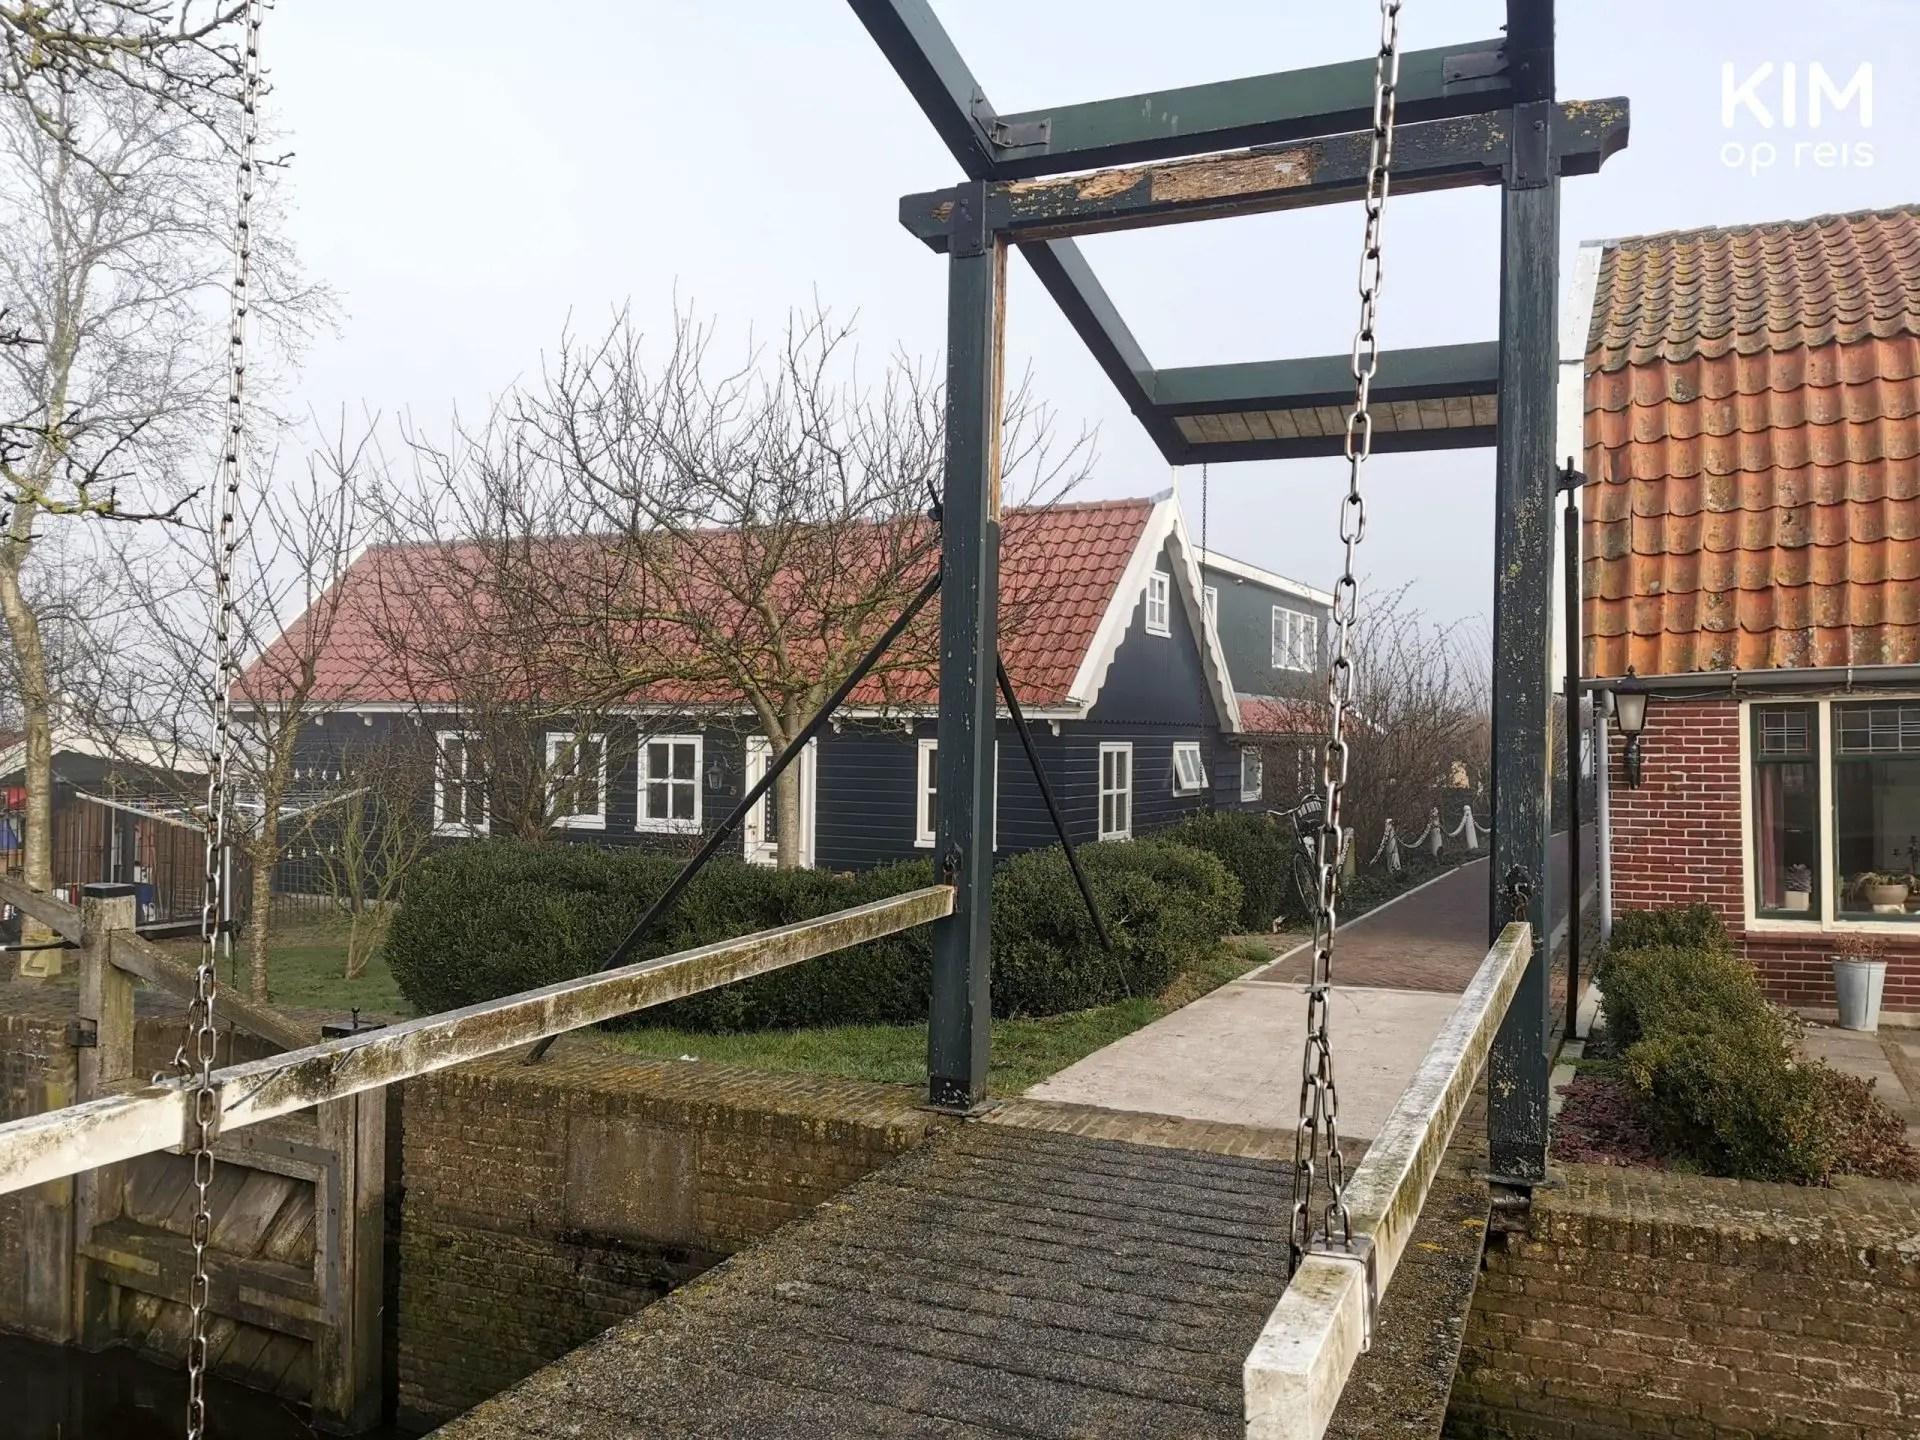 dorp en eiland de Woude: kleine houten ophaalbrug met daarachter enkele huizen.